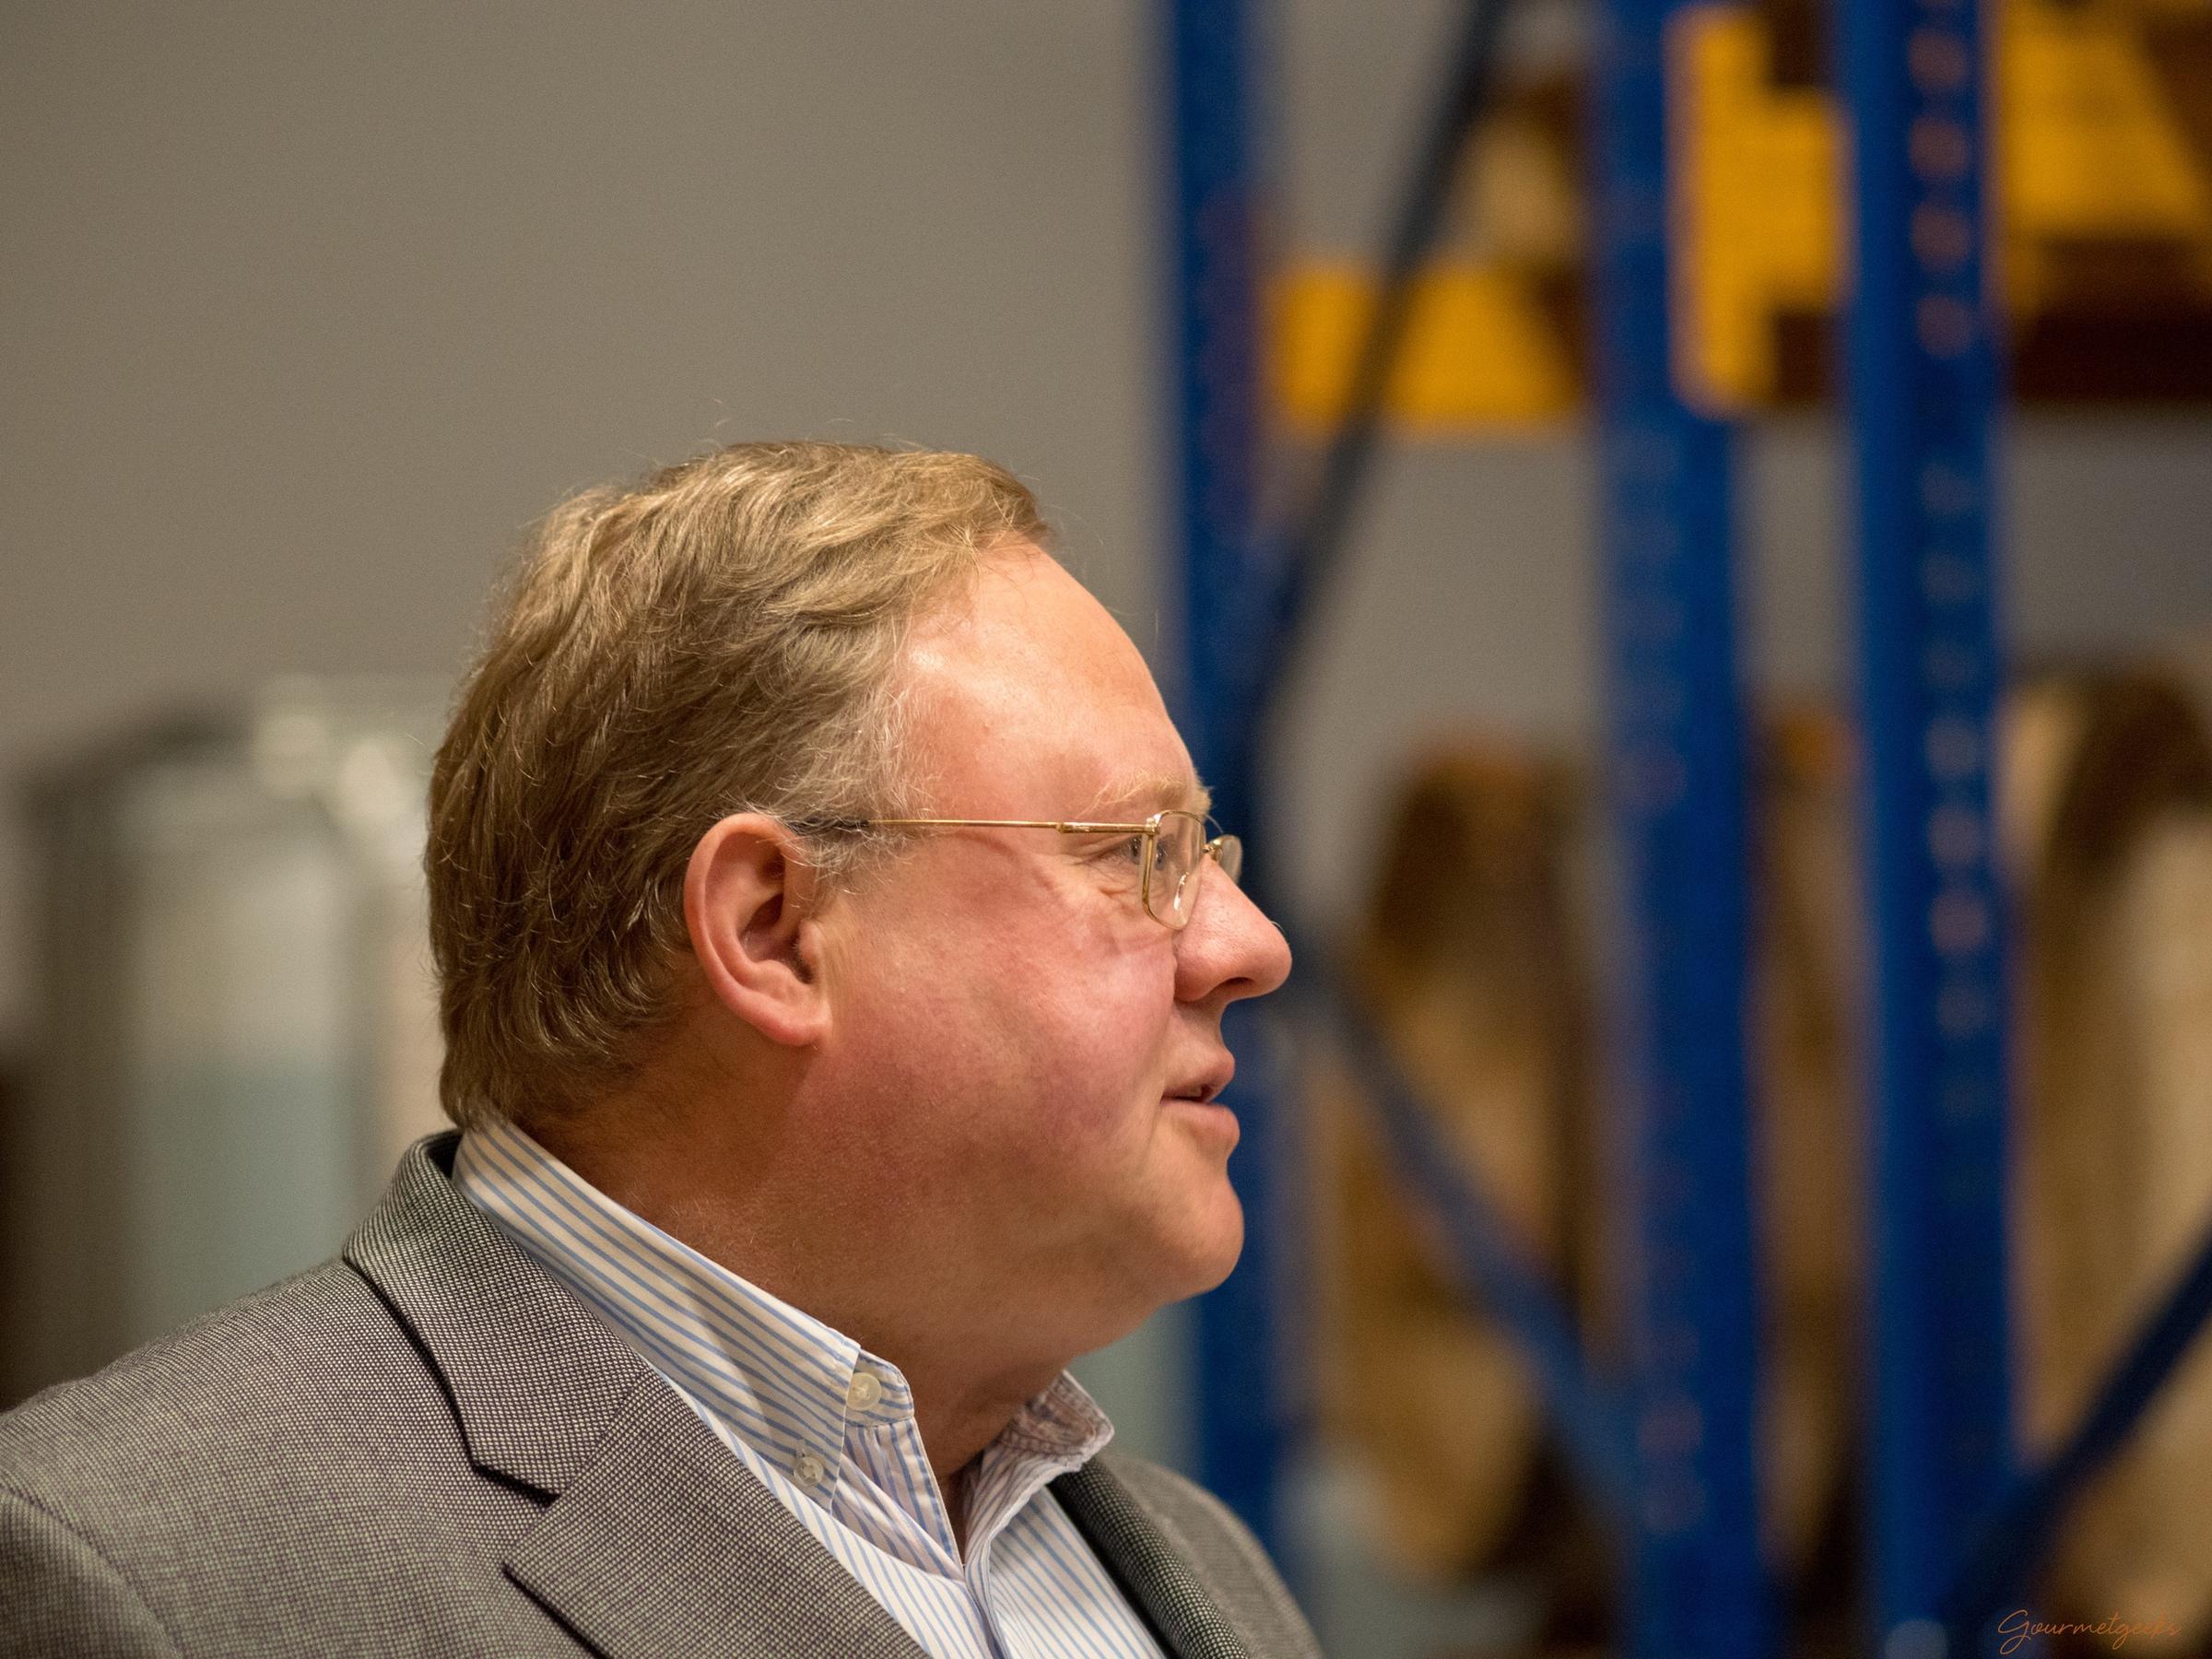 Unser Guide und Seniorchef: Karl-Theodor Buchholz